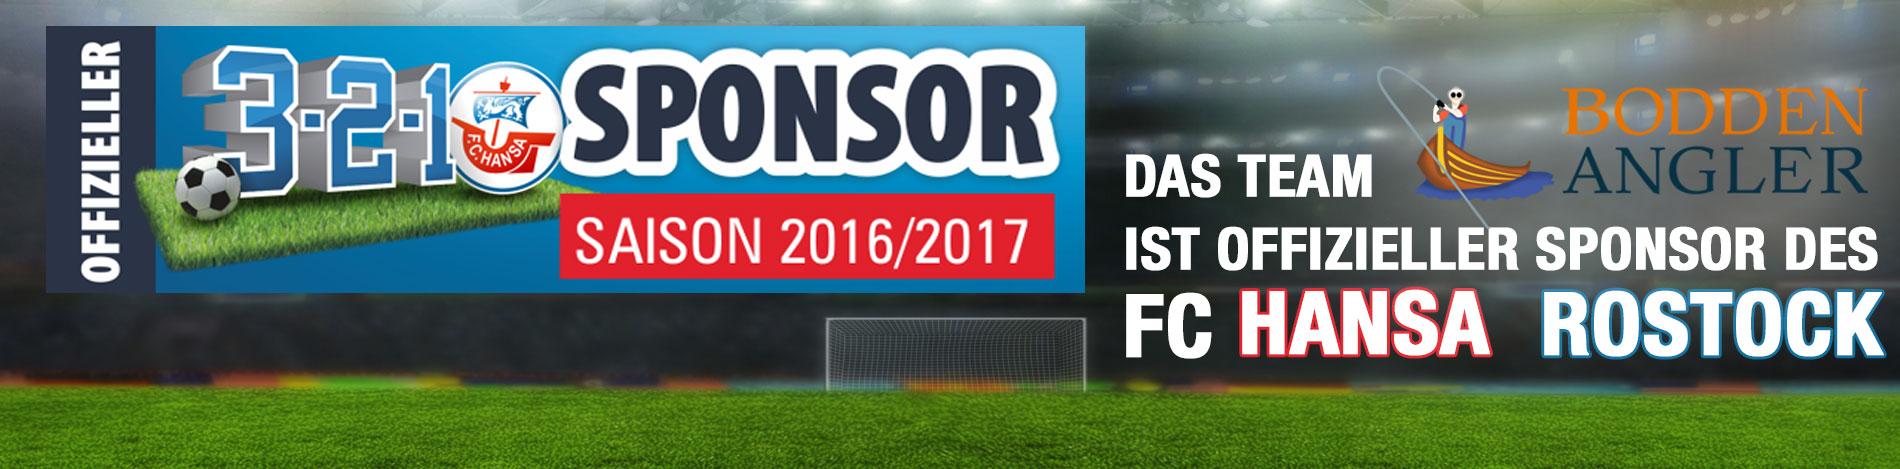 FC Hansa Sponsor